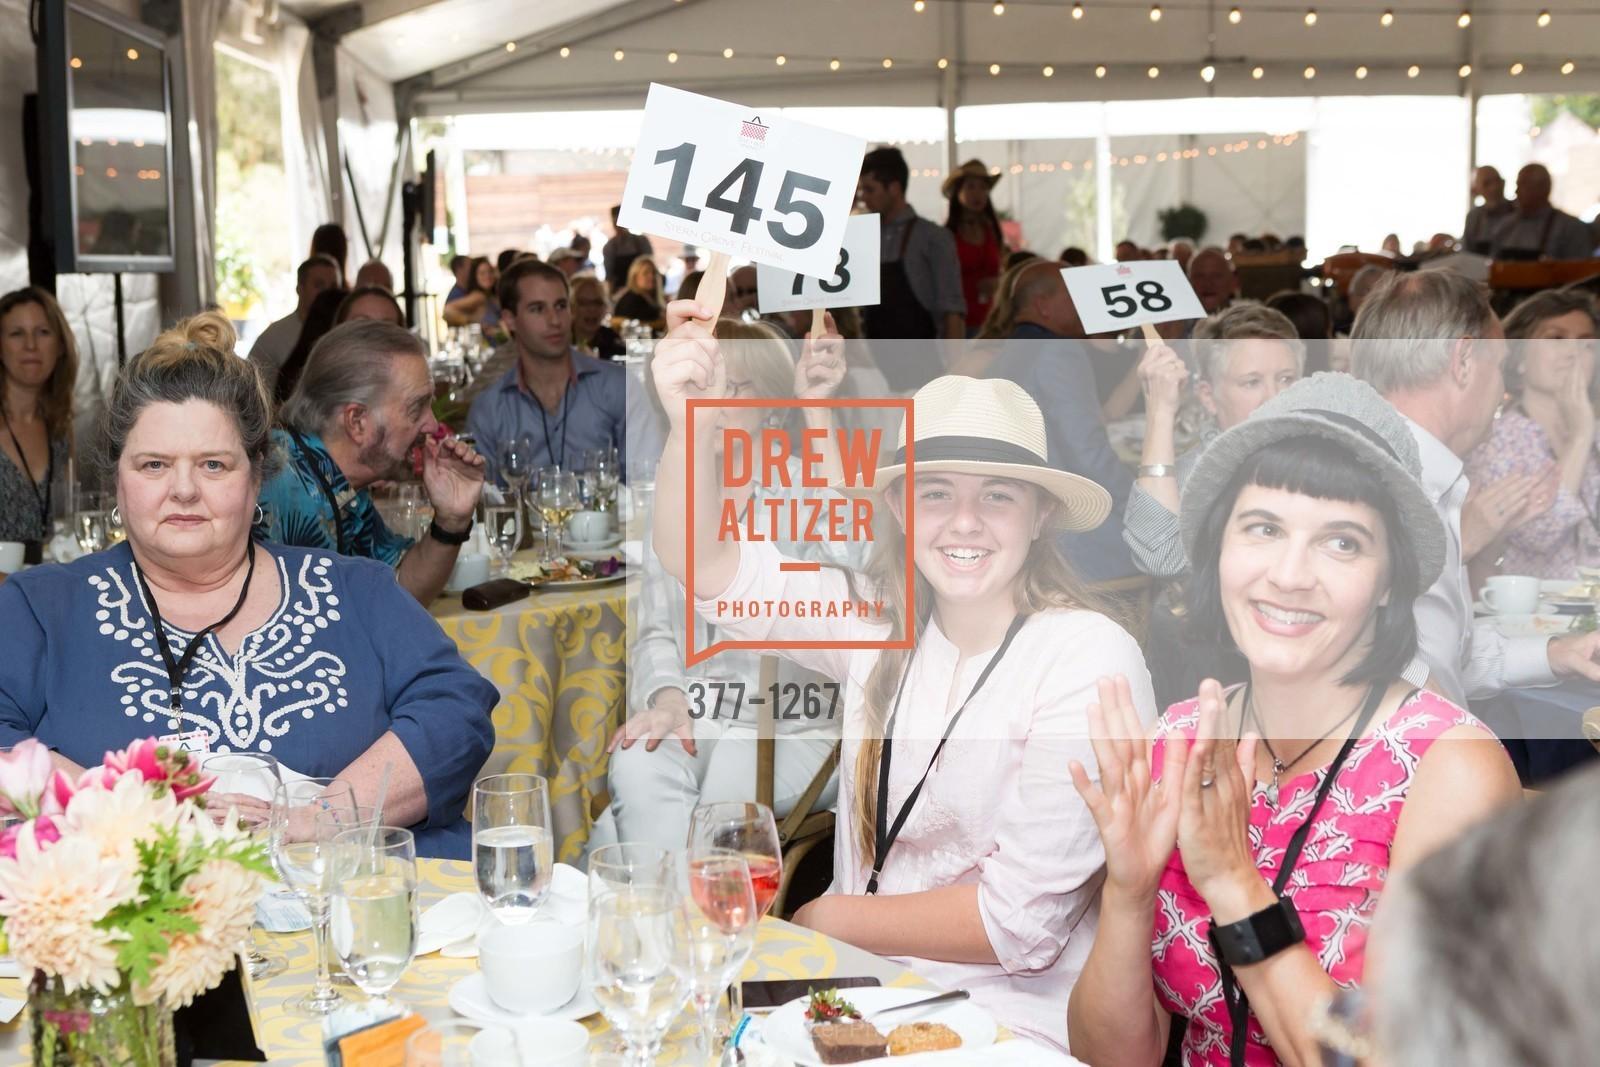 Marilyn Polacci, Paloma Polacci, Kate Polacci, Photo #377-1267